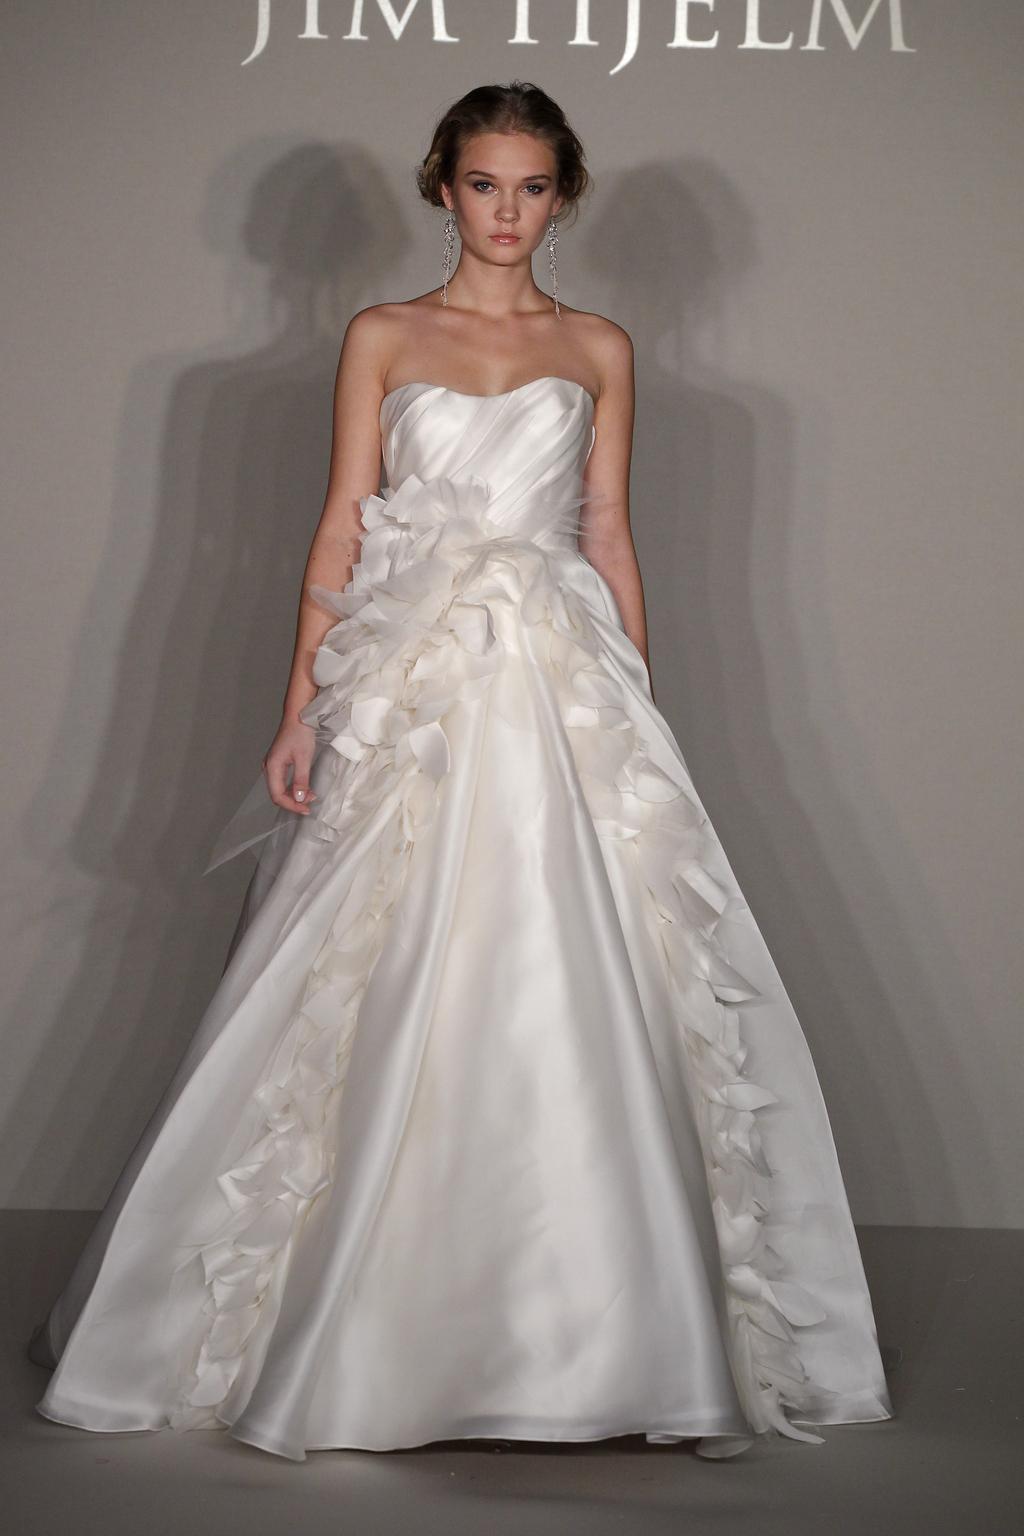 Jim-hjelm-wedding-dress-spring-2012-bridal-gowns-8215.full